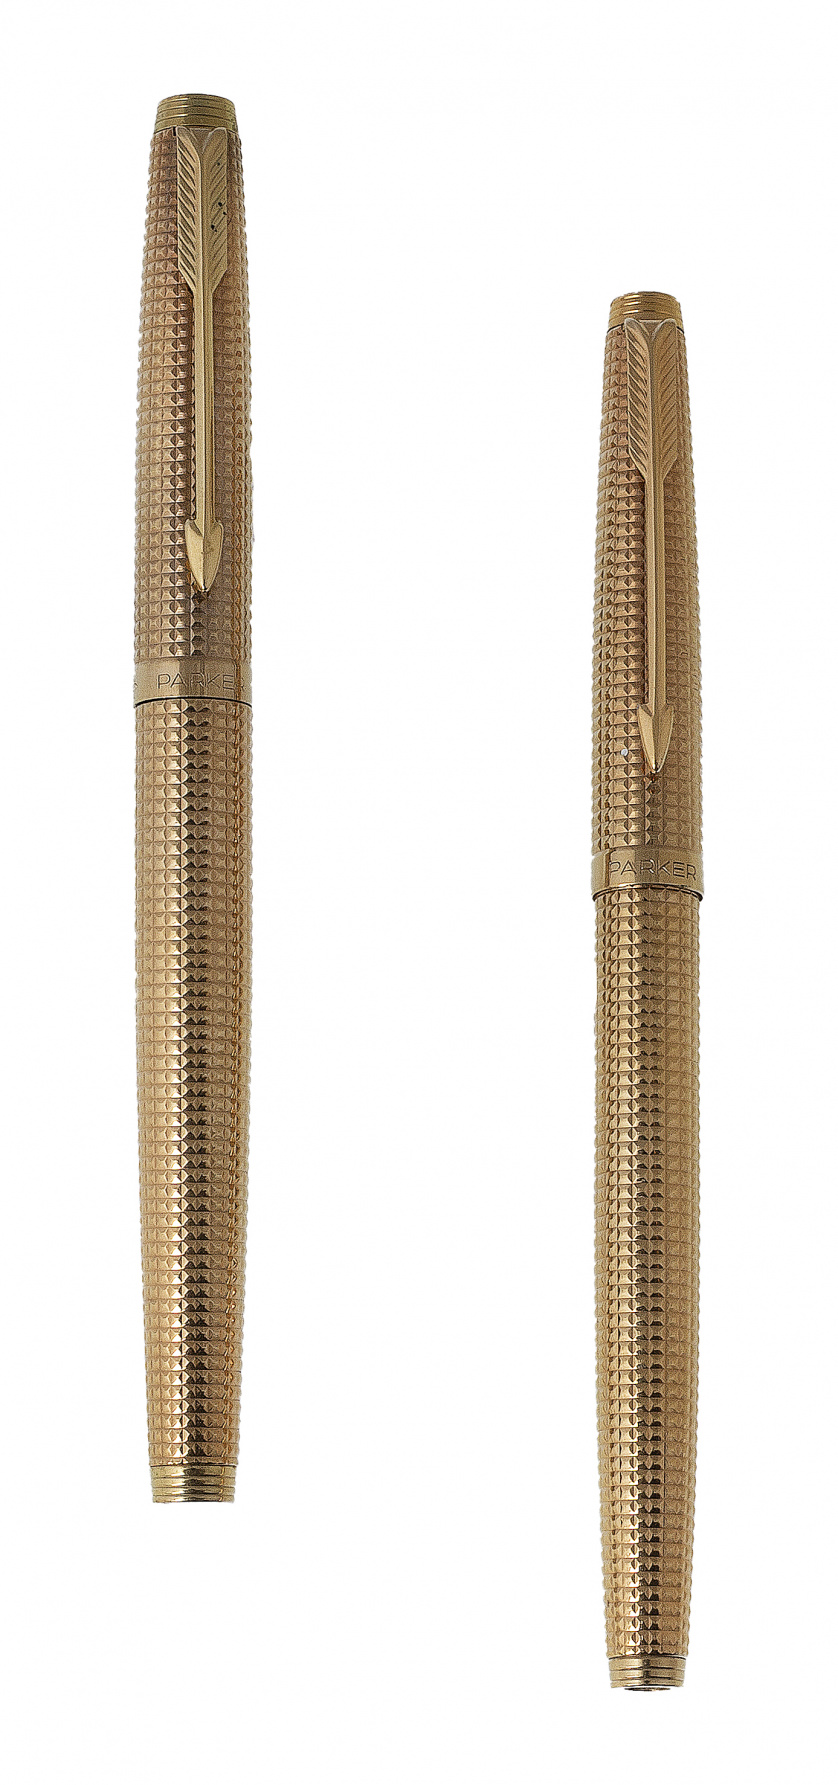 Conjunto de pluma y bolígrafo PARKER plaqué or con decoraci